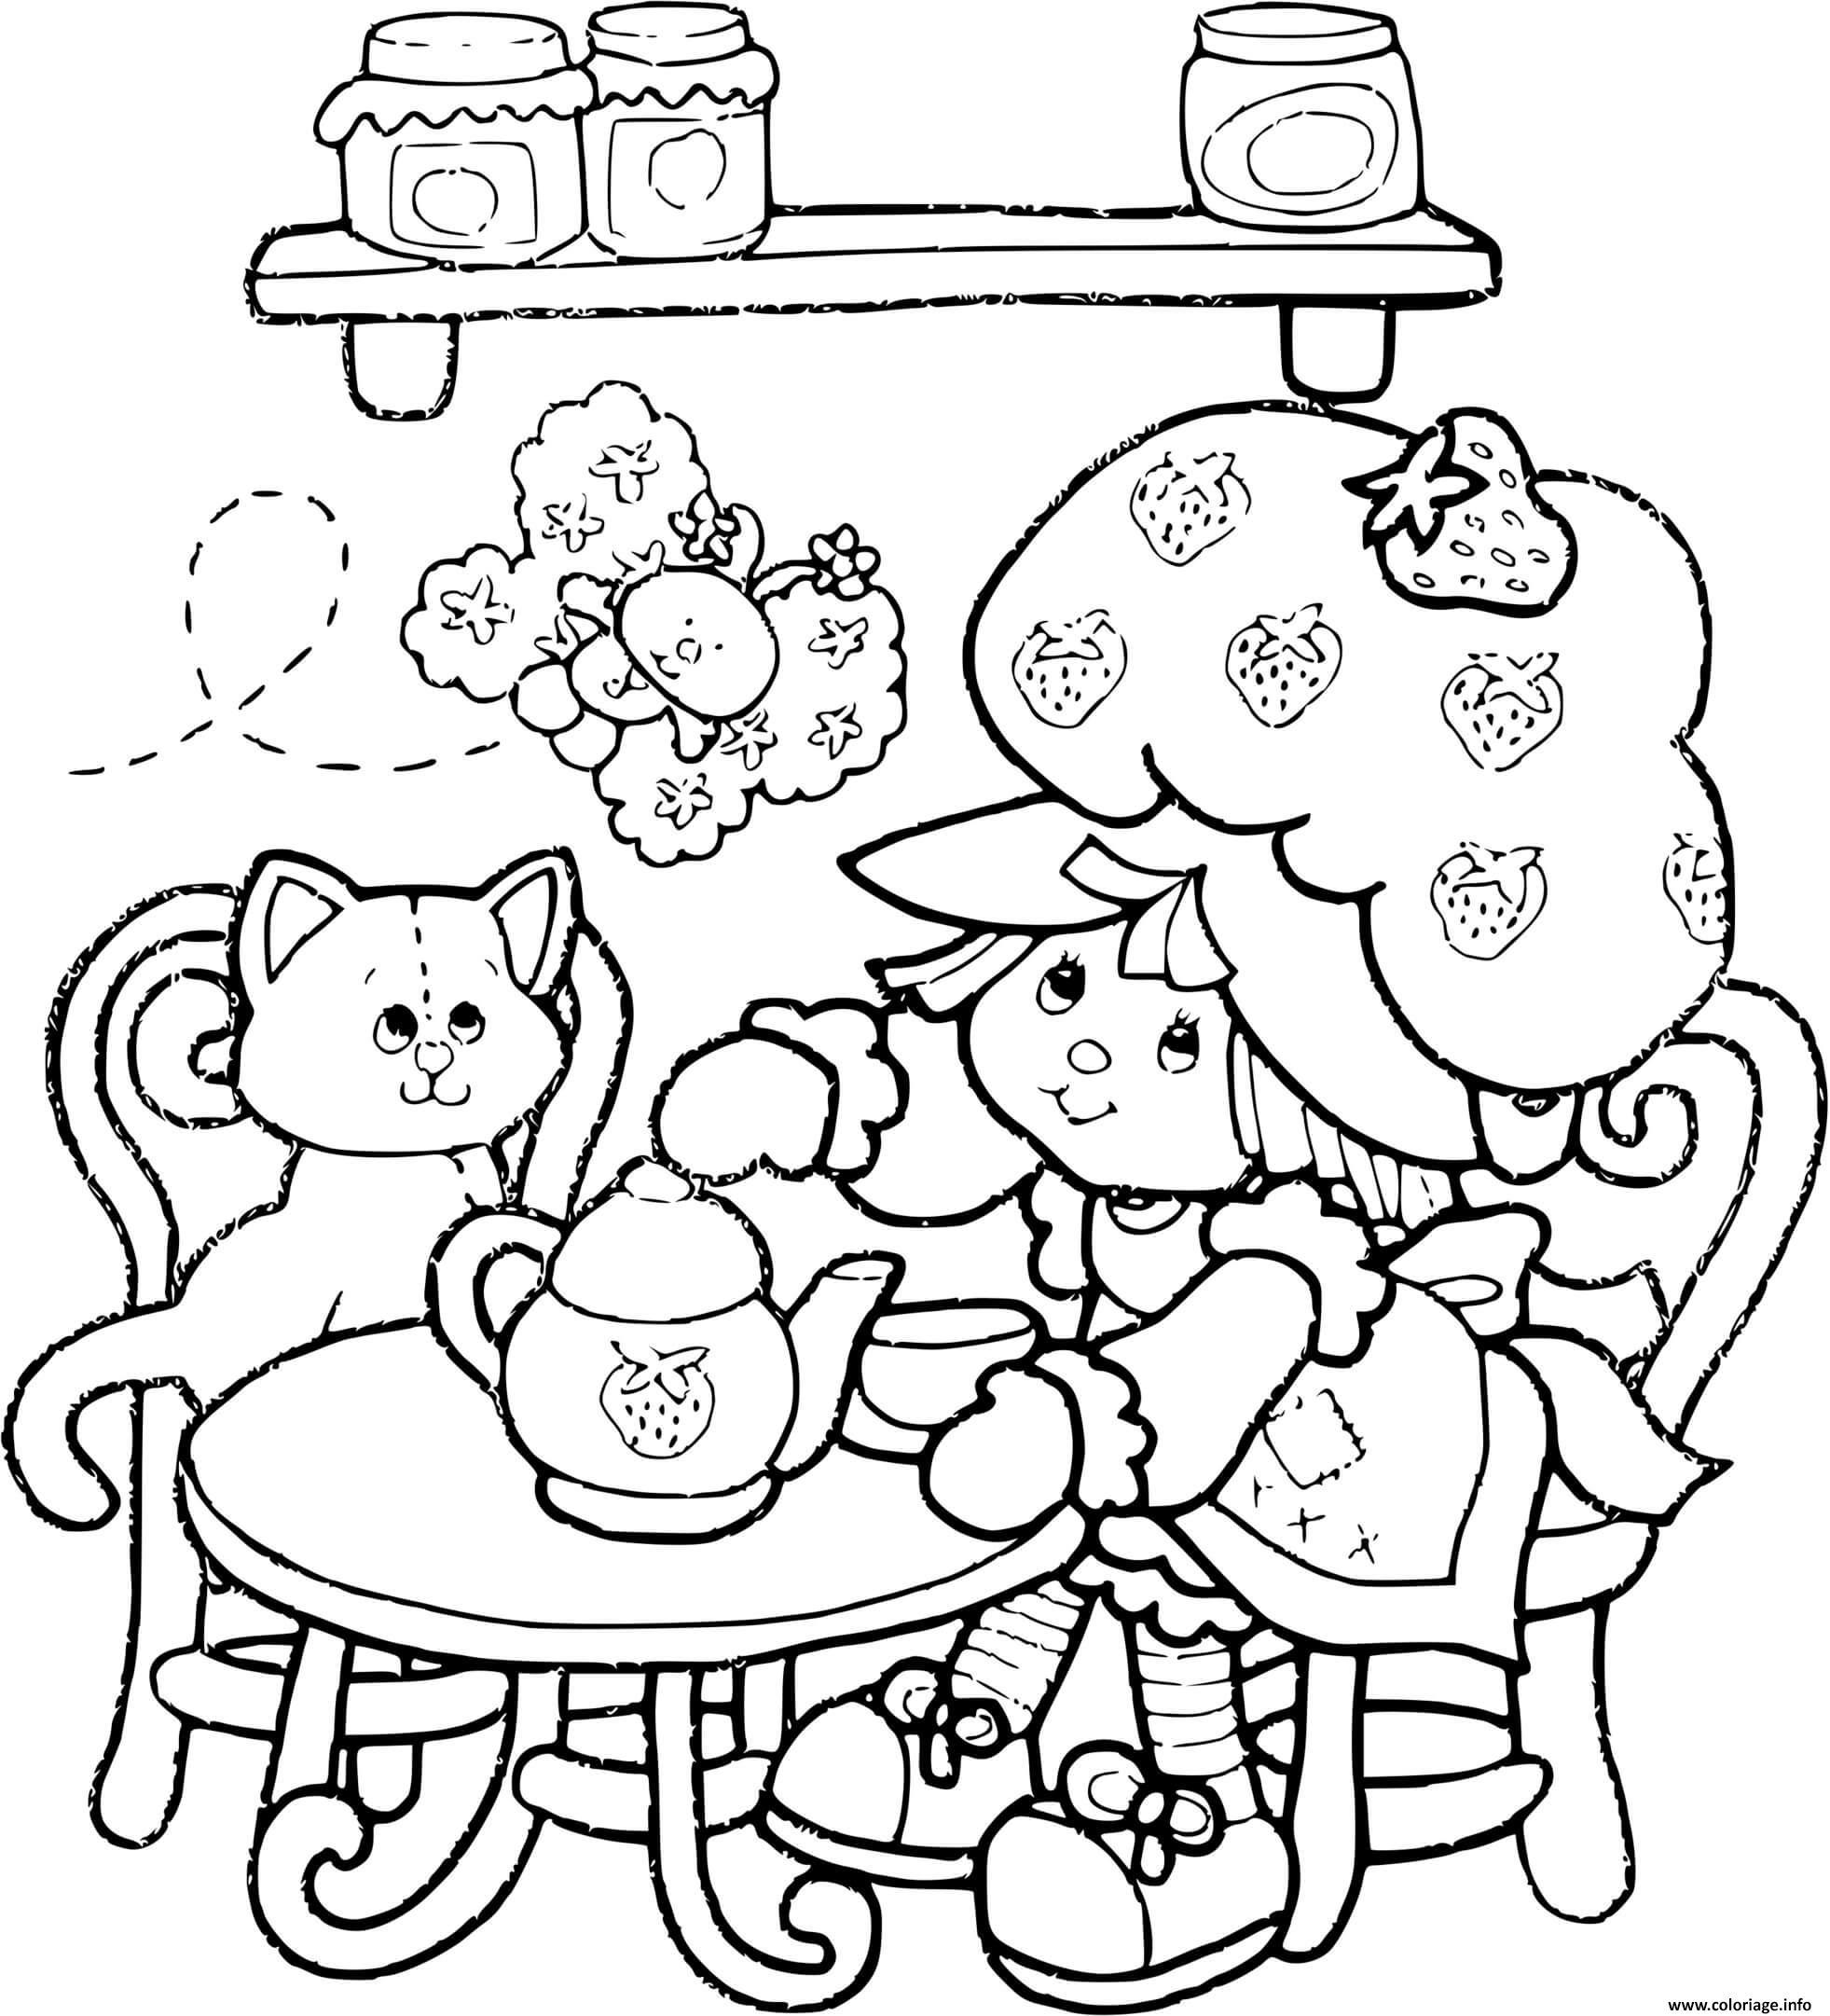 Dessin Charlotte aux fraises joue a la dinette Coloriage Gratuit à Imprimer